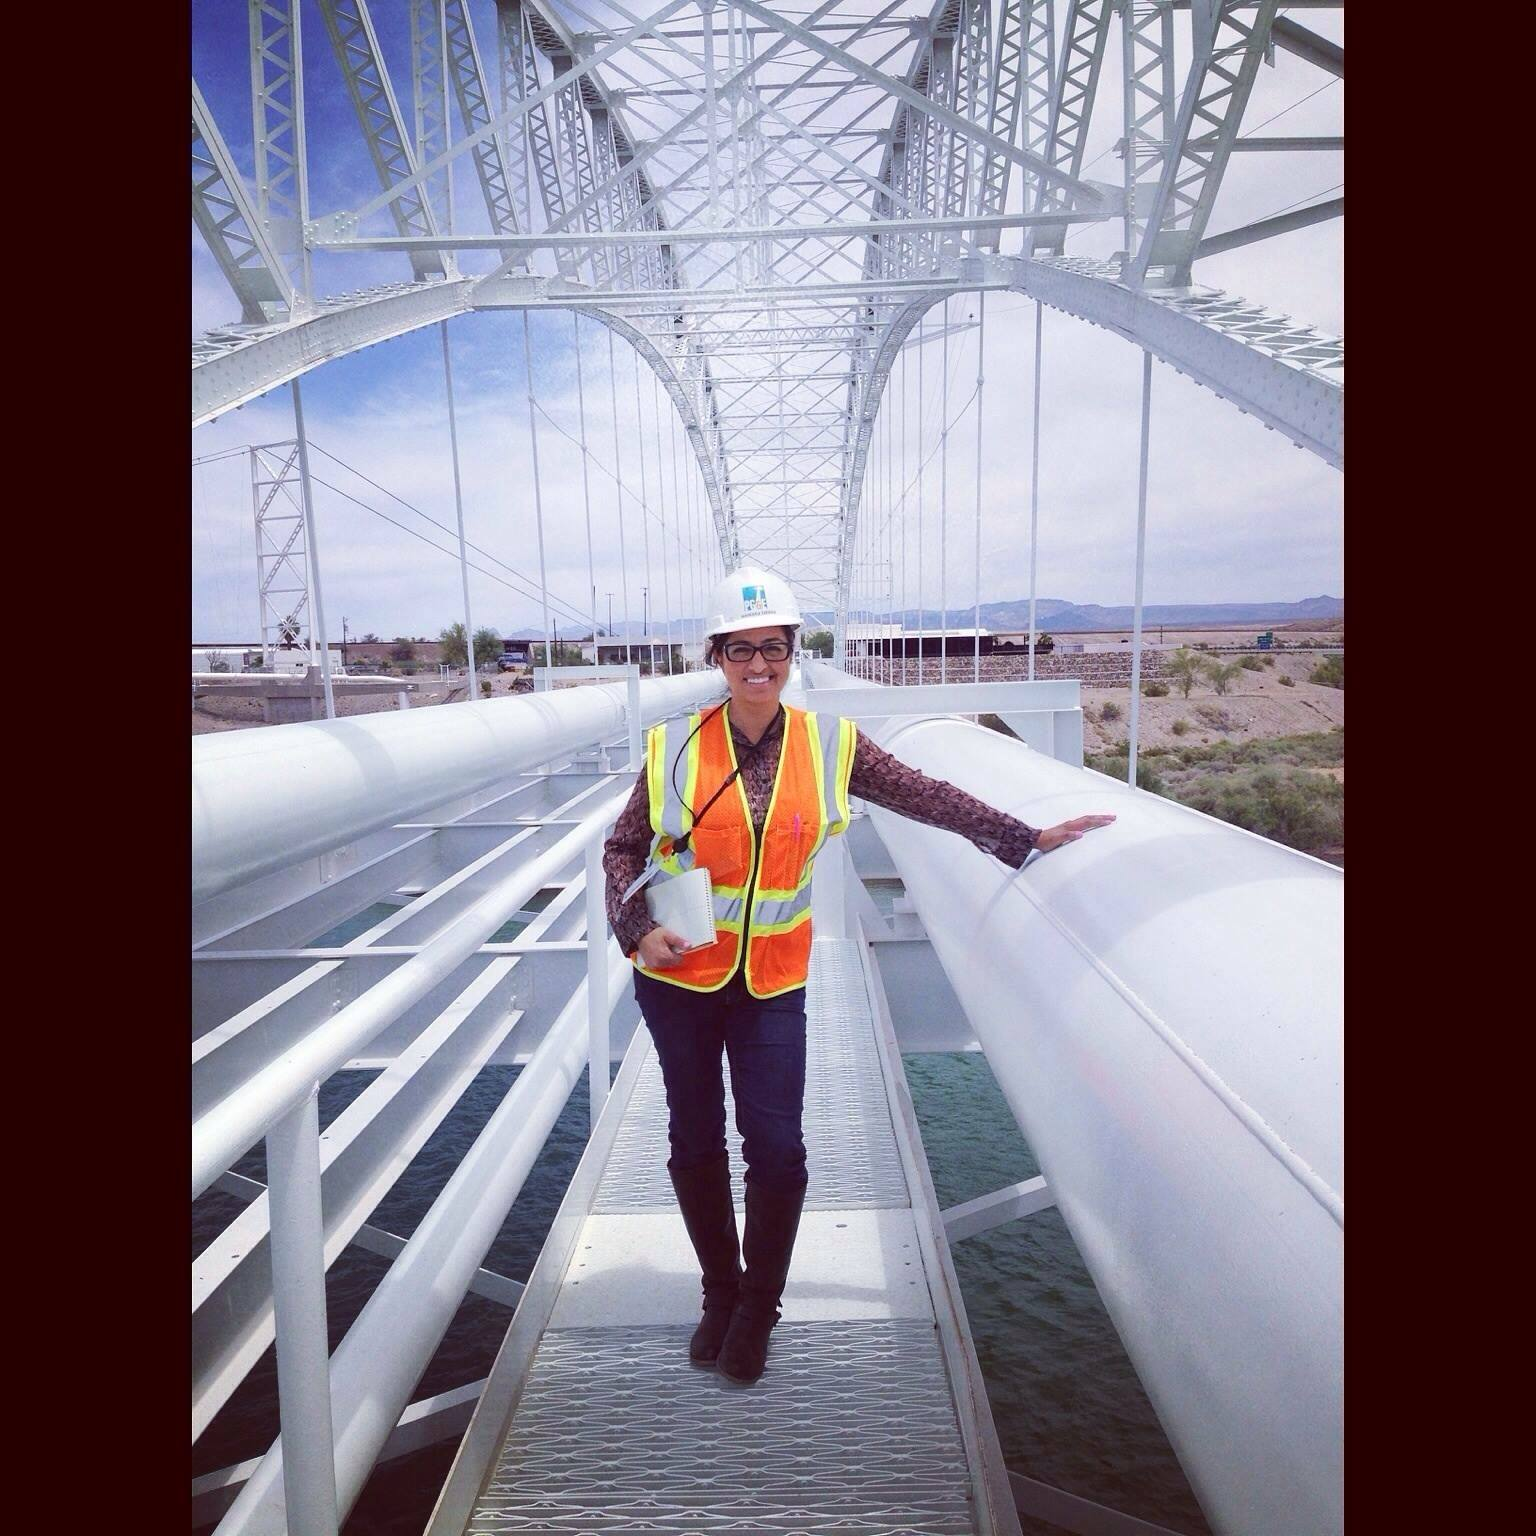 Mariana Sierra - Engineer for PG&E